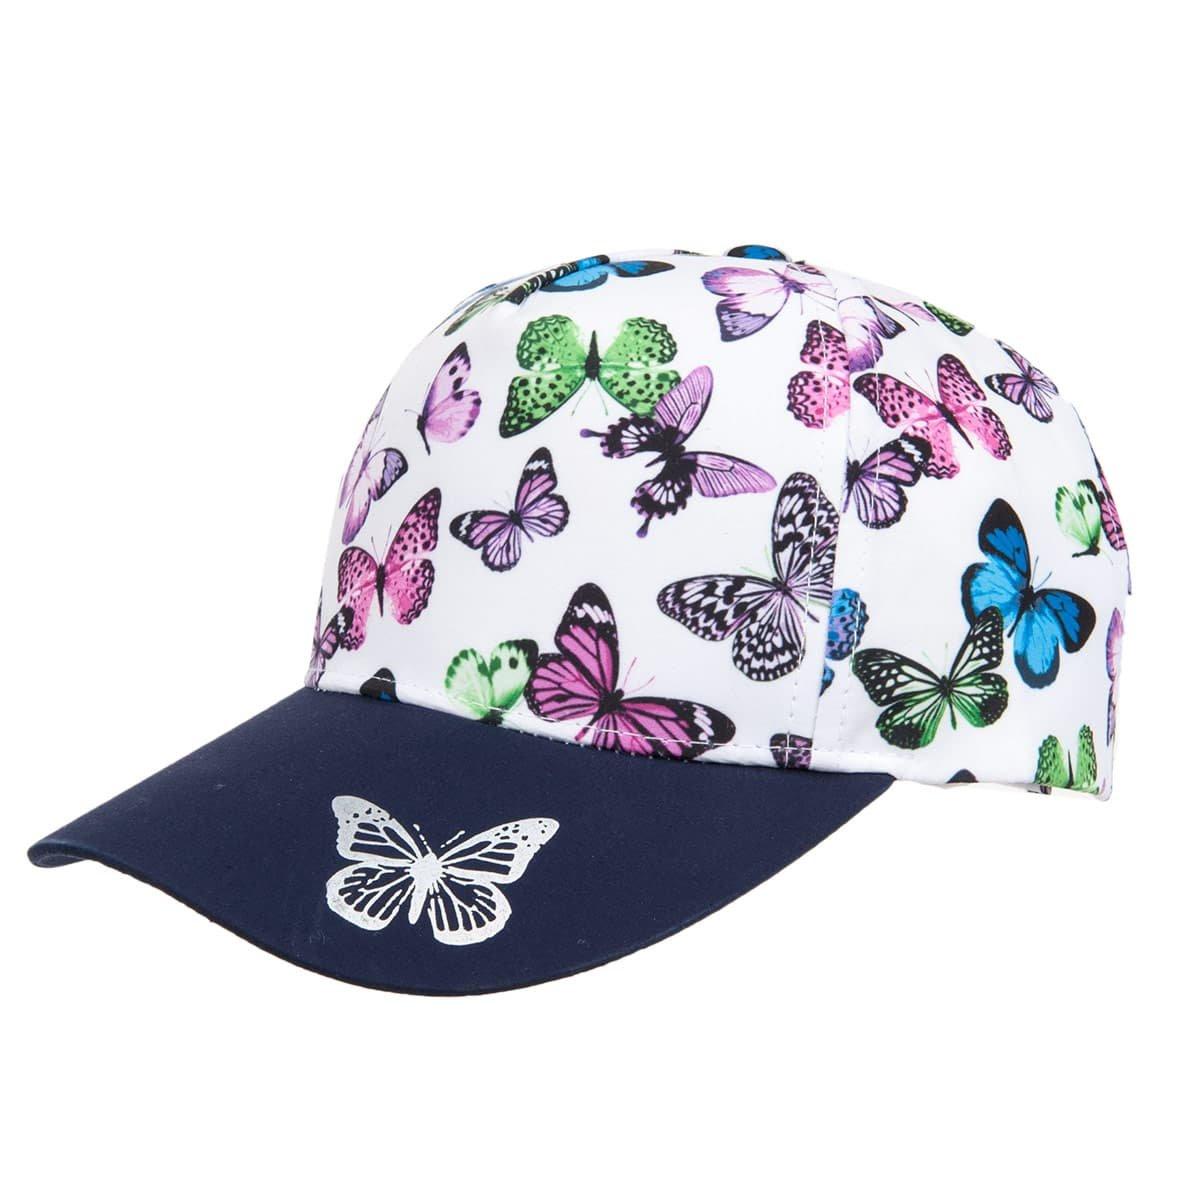 MAXIMO | berretto bimba e donna multicolor chiusura velcro ...